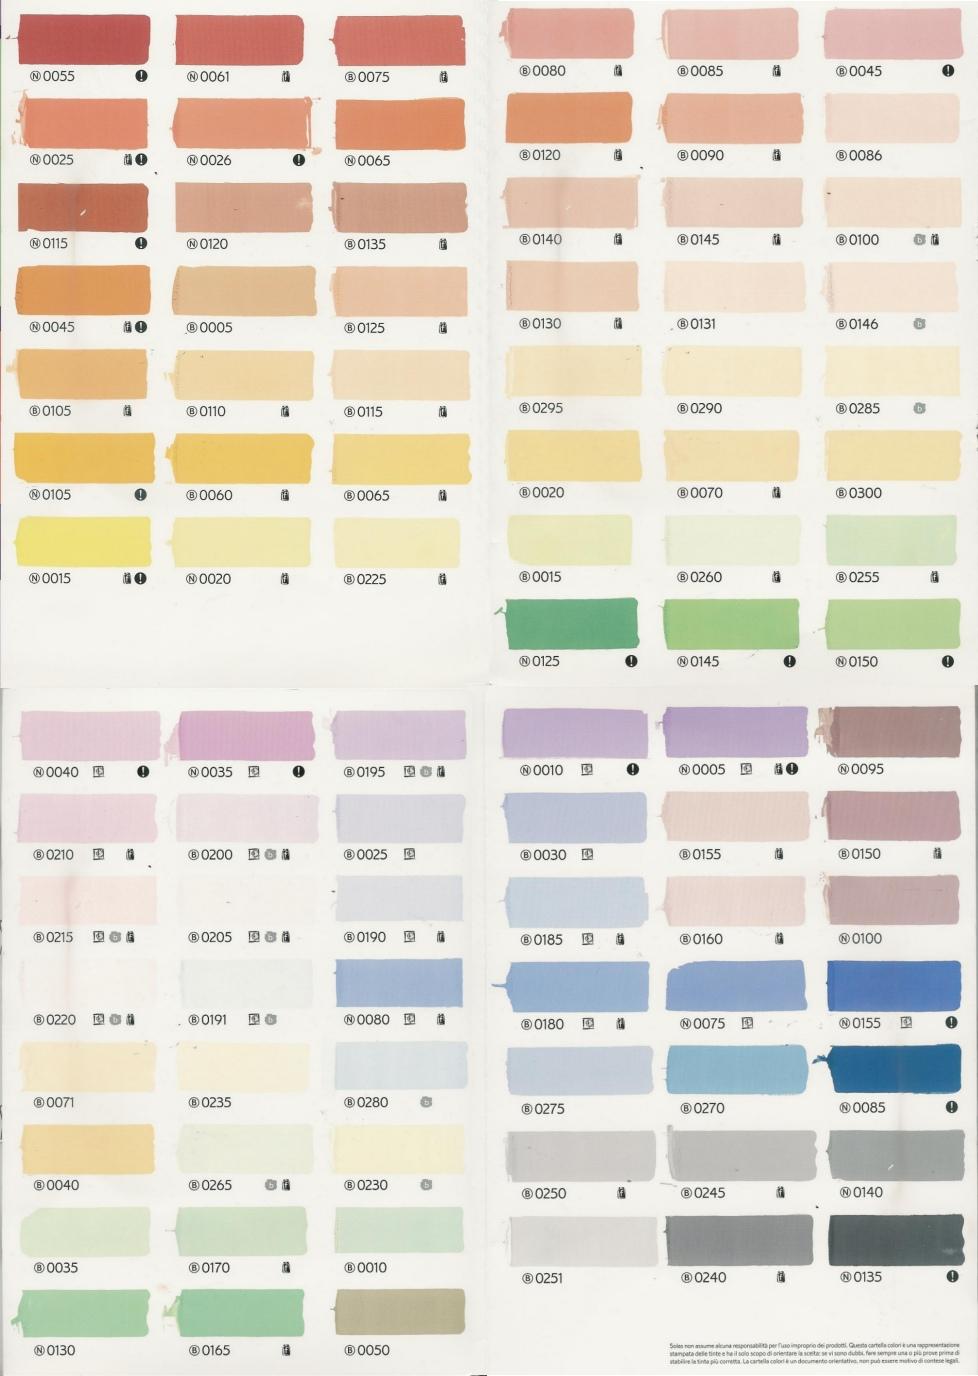 Tabella Colori Per Pareti.78 Cartella Colori Per Pareti Interne Interesting Tabelle